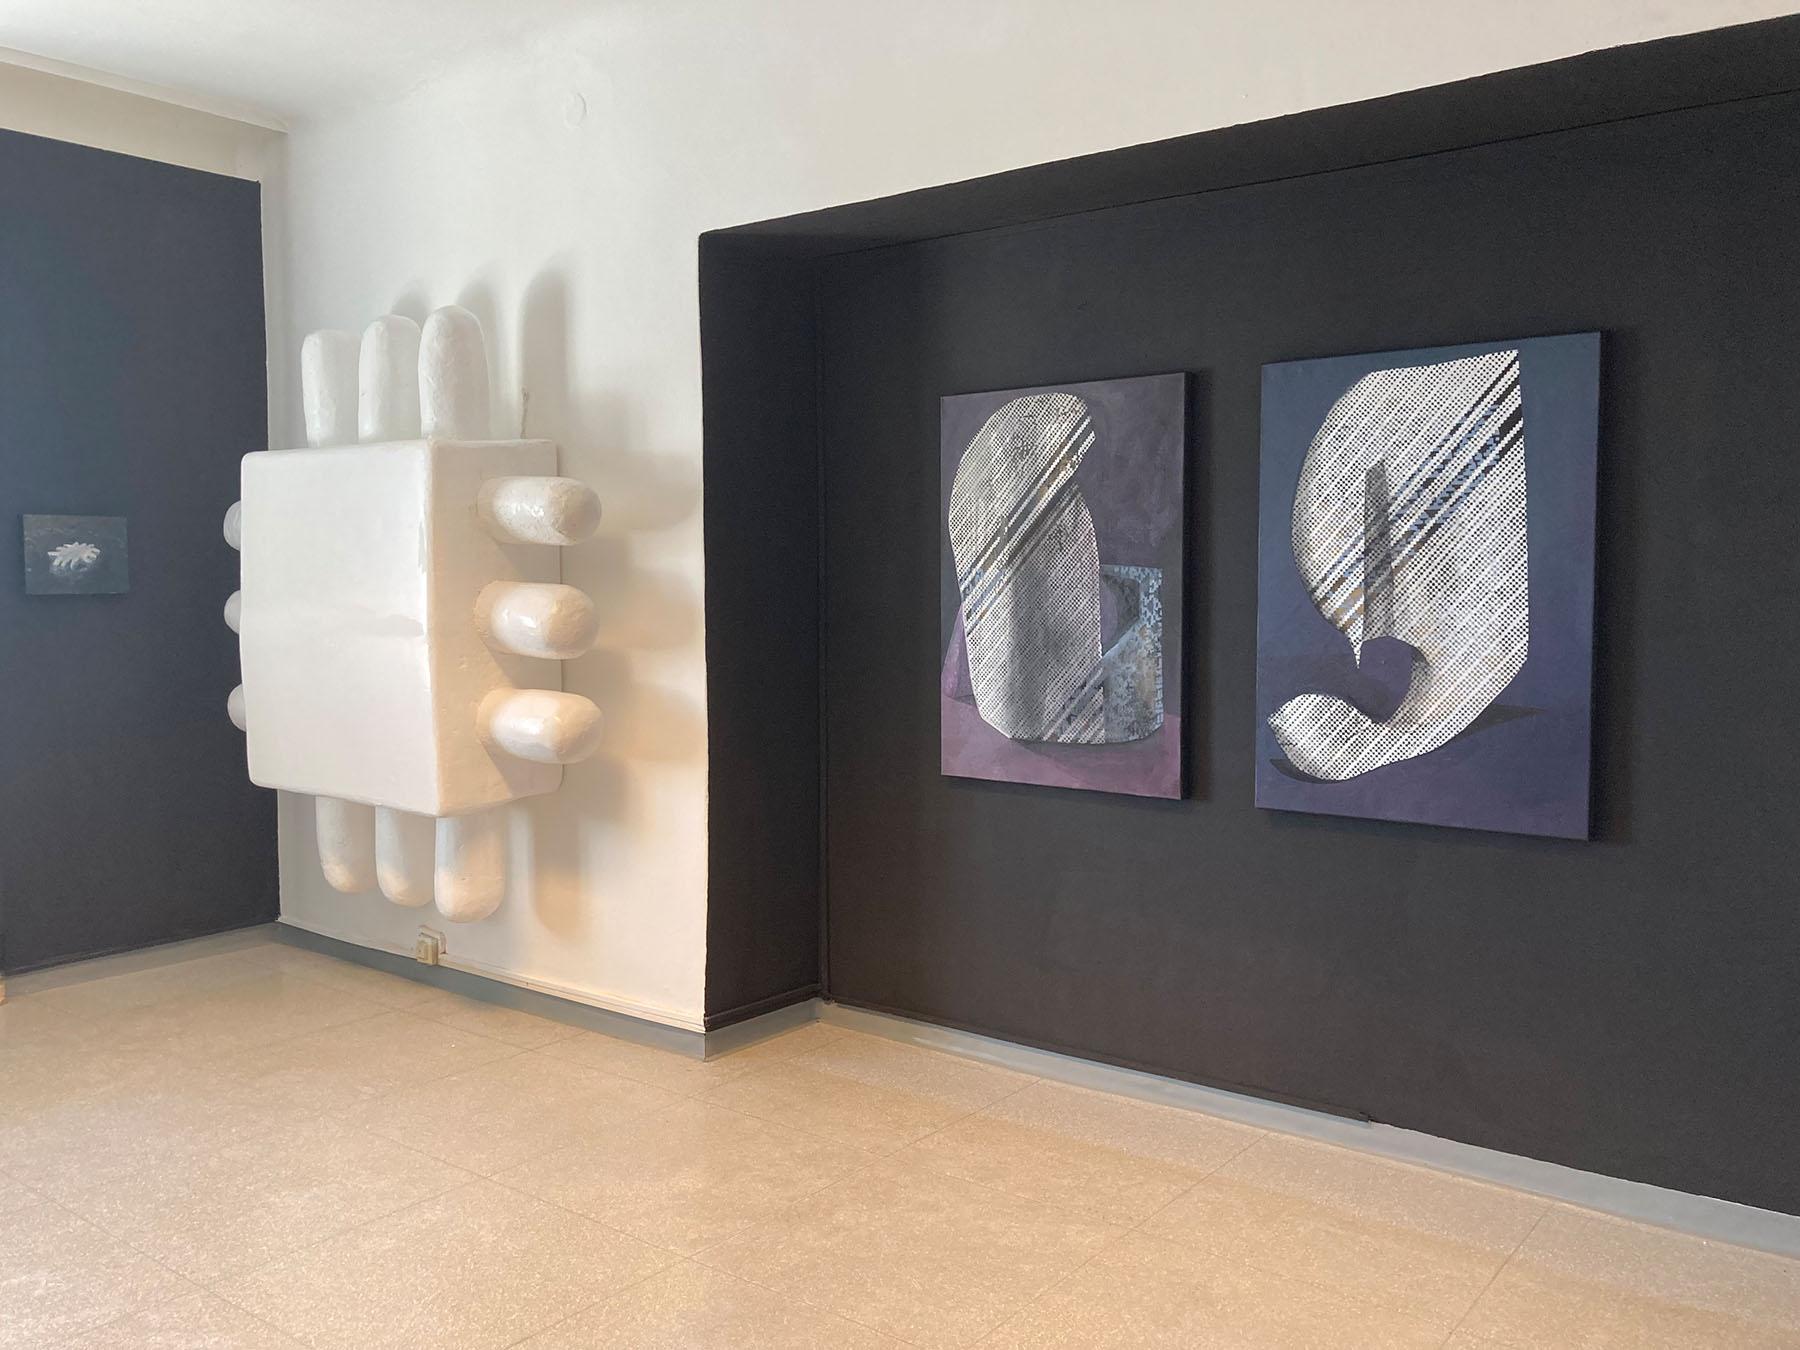 christian murzek, austrian, emerging, artist, decorative, wall art